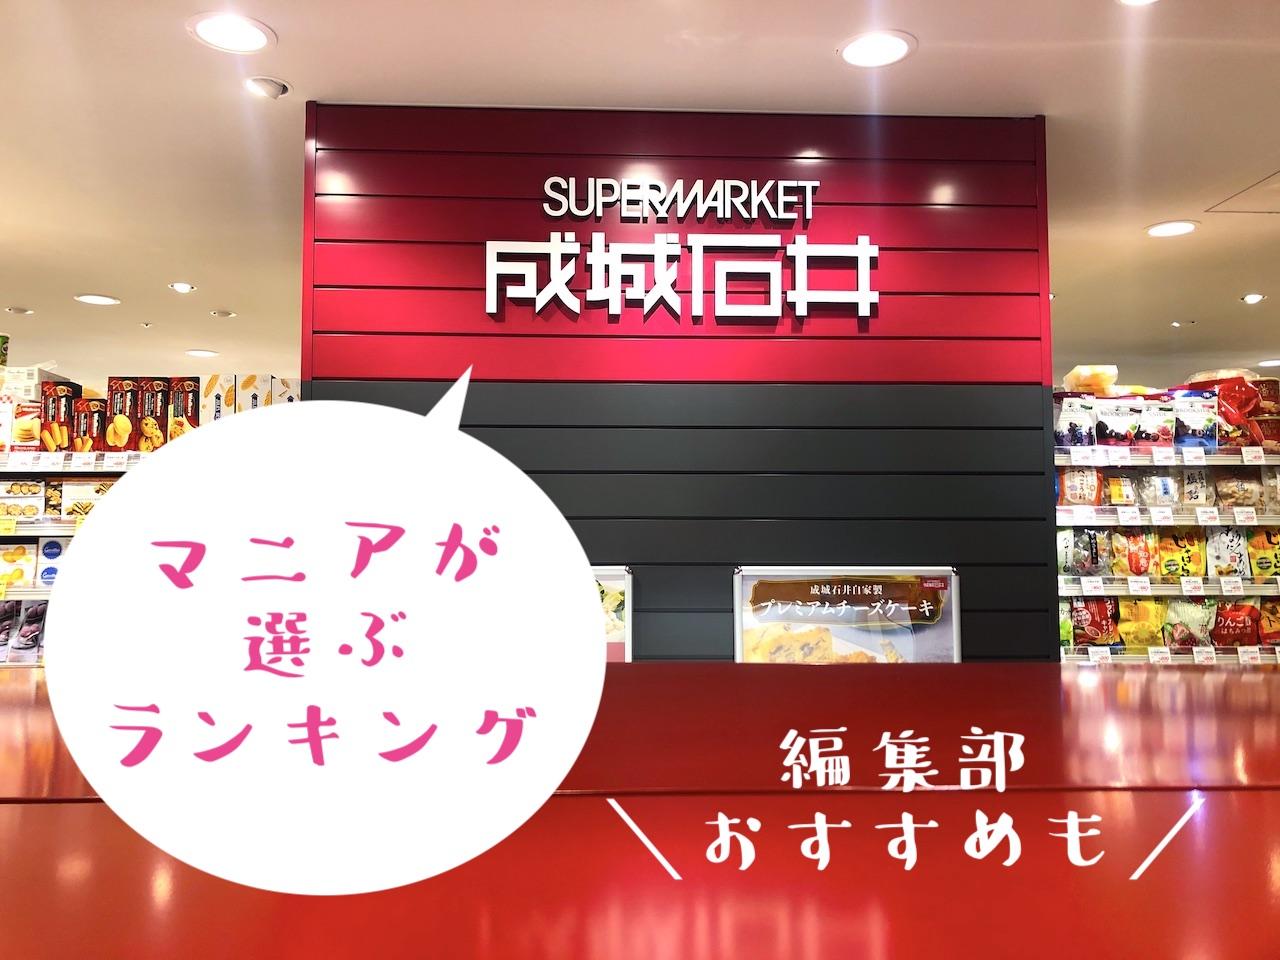 成城石井マニア100人が選んだ人気リピ商品ランキング【実食おすすめ18選も】2020最新版